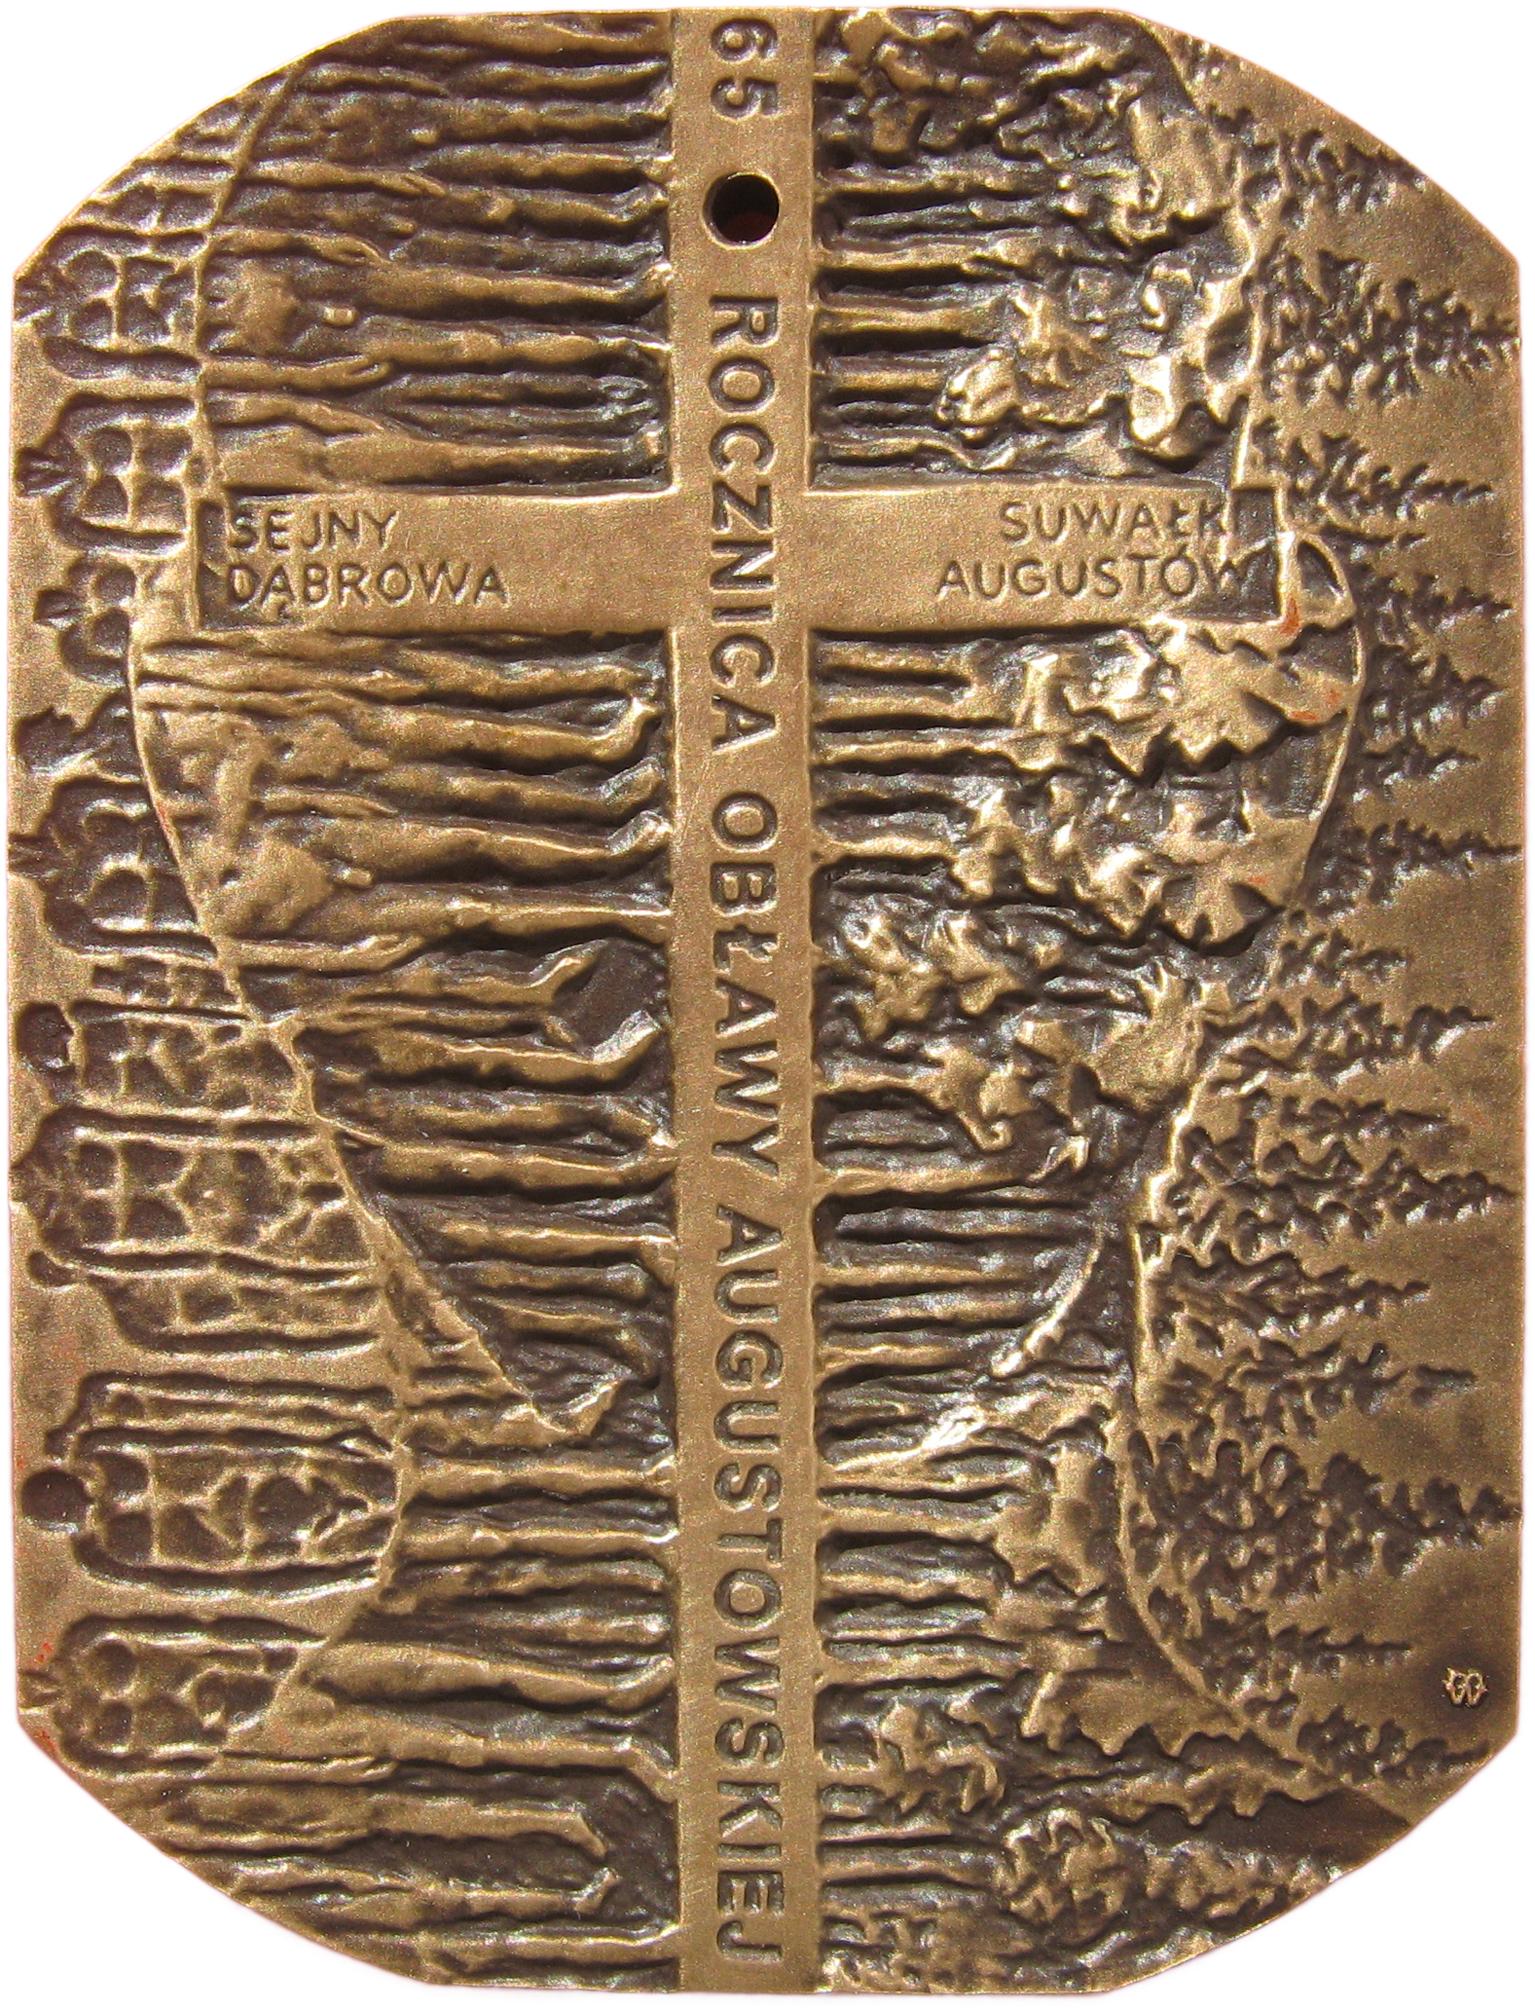 Tadeusz Tchórzewski - Medal w 65 rocznicę obławy augustowskiej (rewers), tombak, 65 x 50 mm, 2010